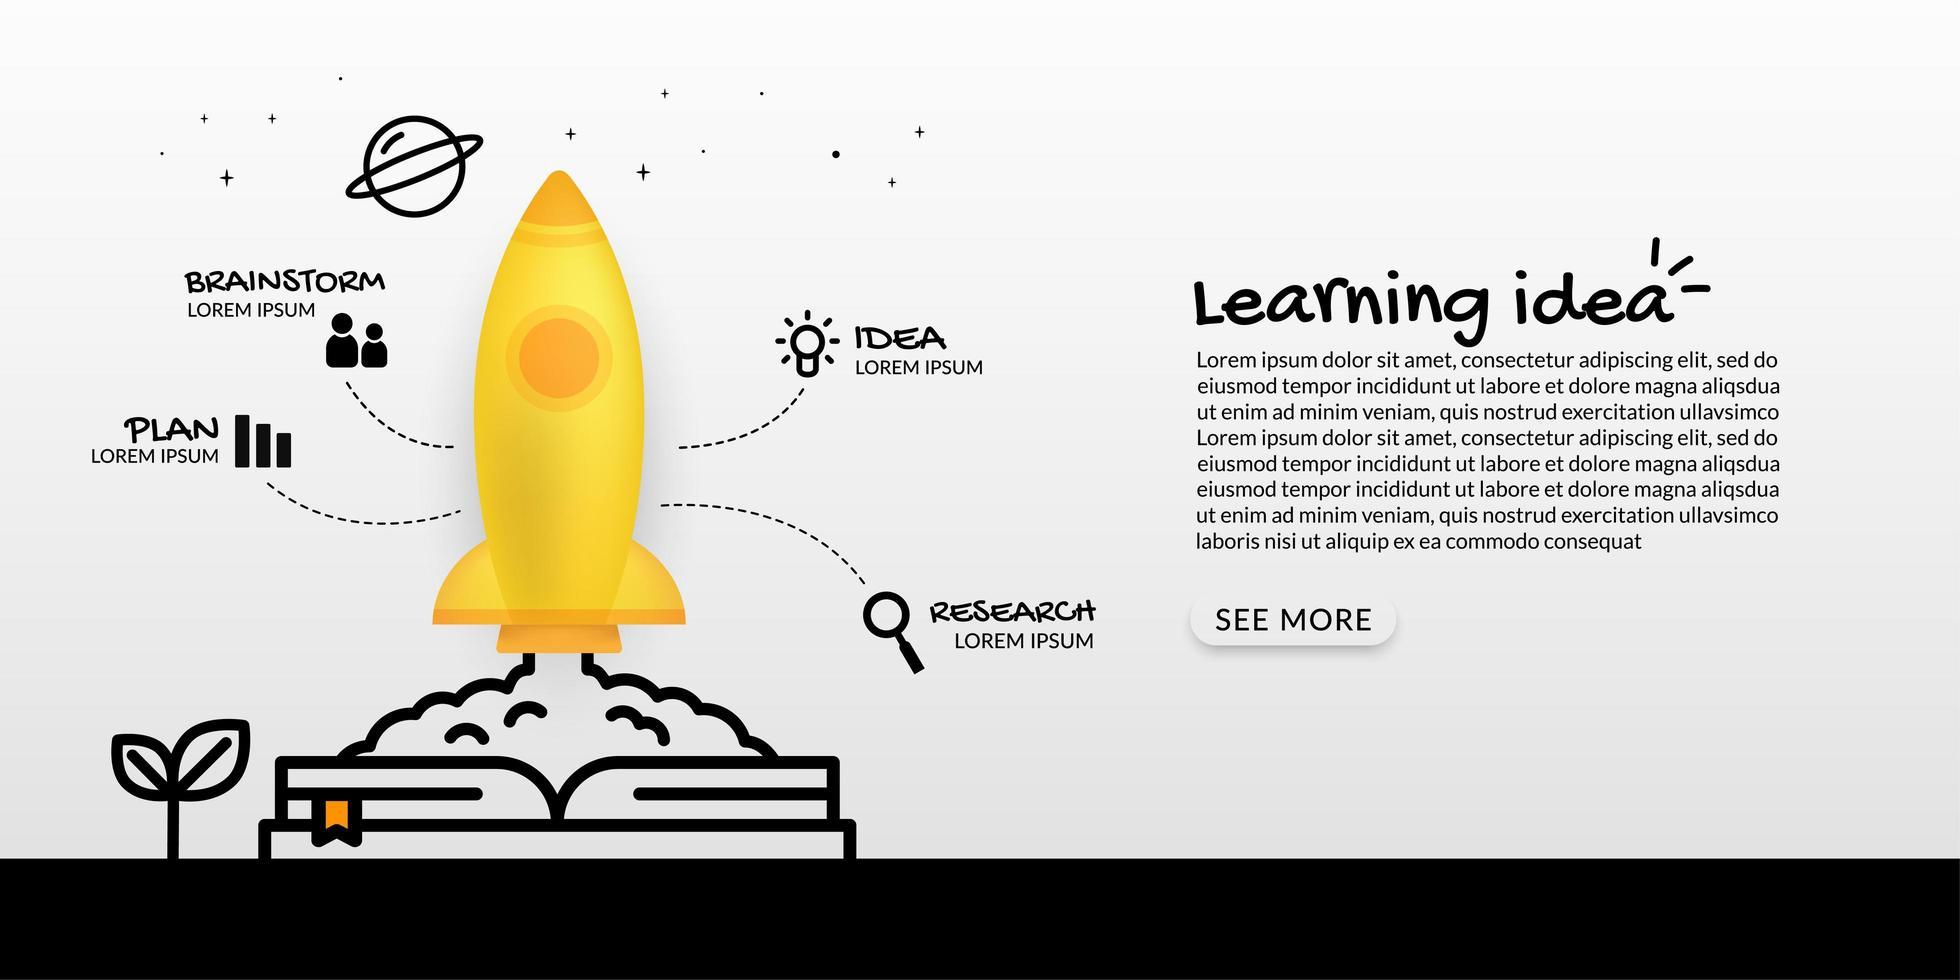 nave espacial lanzando desde el libro vector